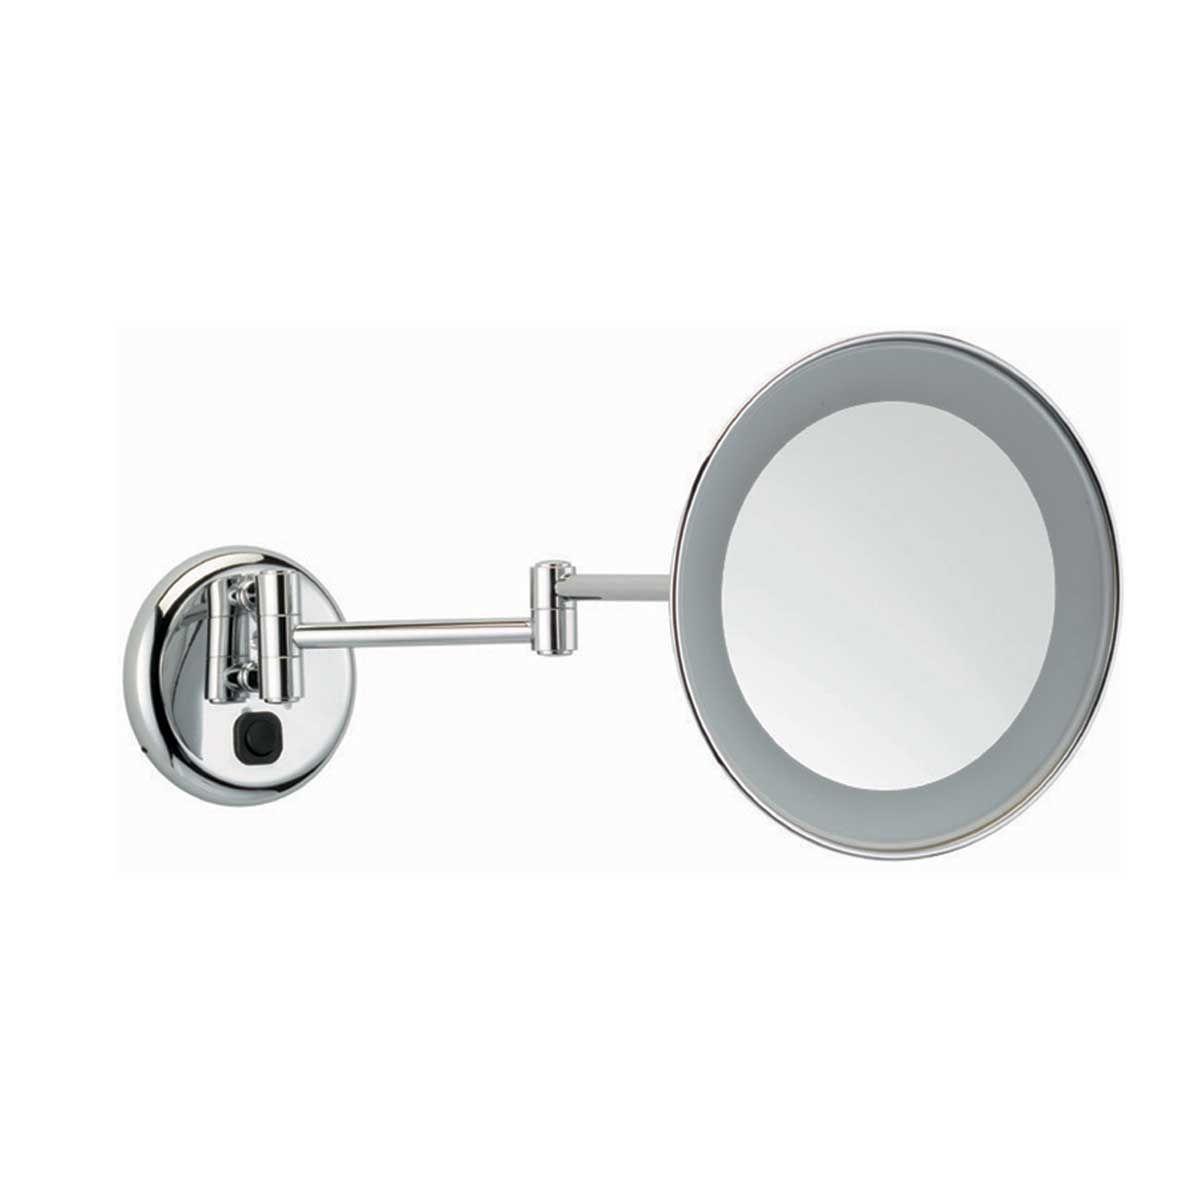 Specchi Ingranditori Per Bagno Con Luce.Specchio Ingranditore Con Luce O 22 Cm Braccio Doppio 2x Sp 811